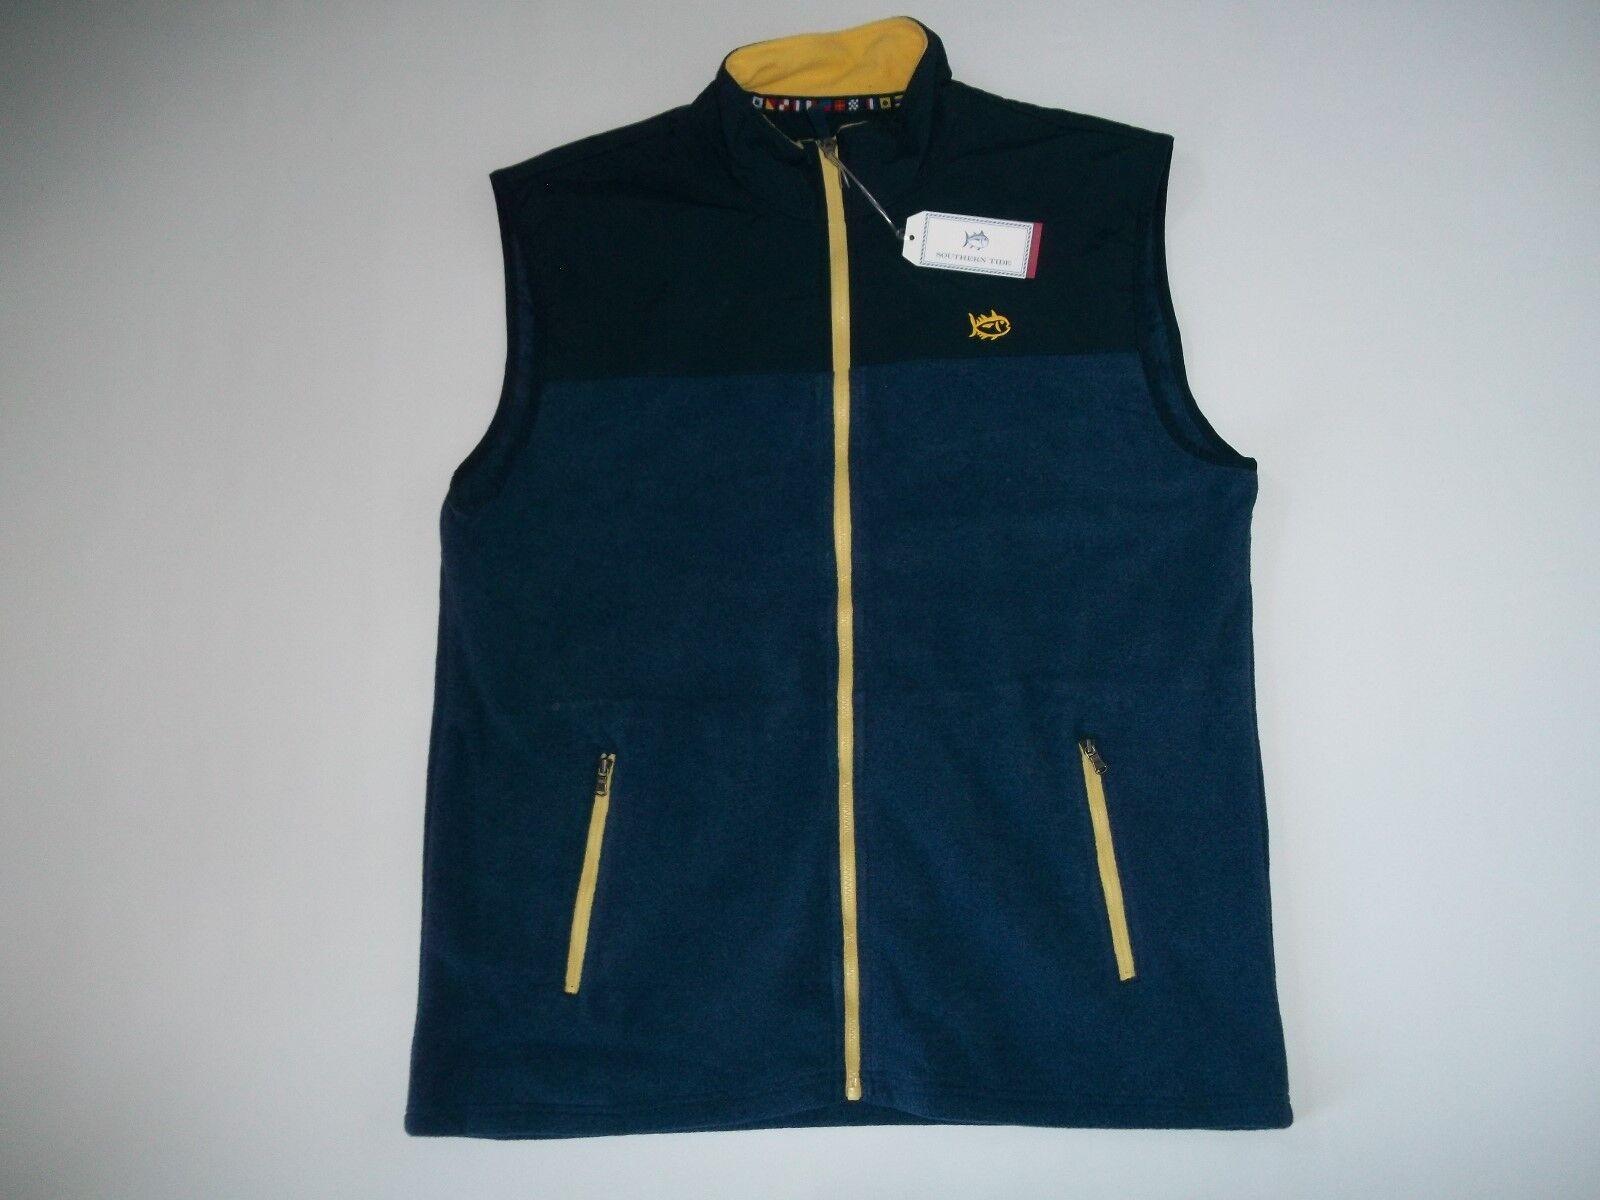 Südlich Südlich Südlich Tide Wahre Marineblau Cambridge Fleece Weste Jacke Herren Größe XL Rt 8afe27